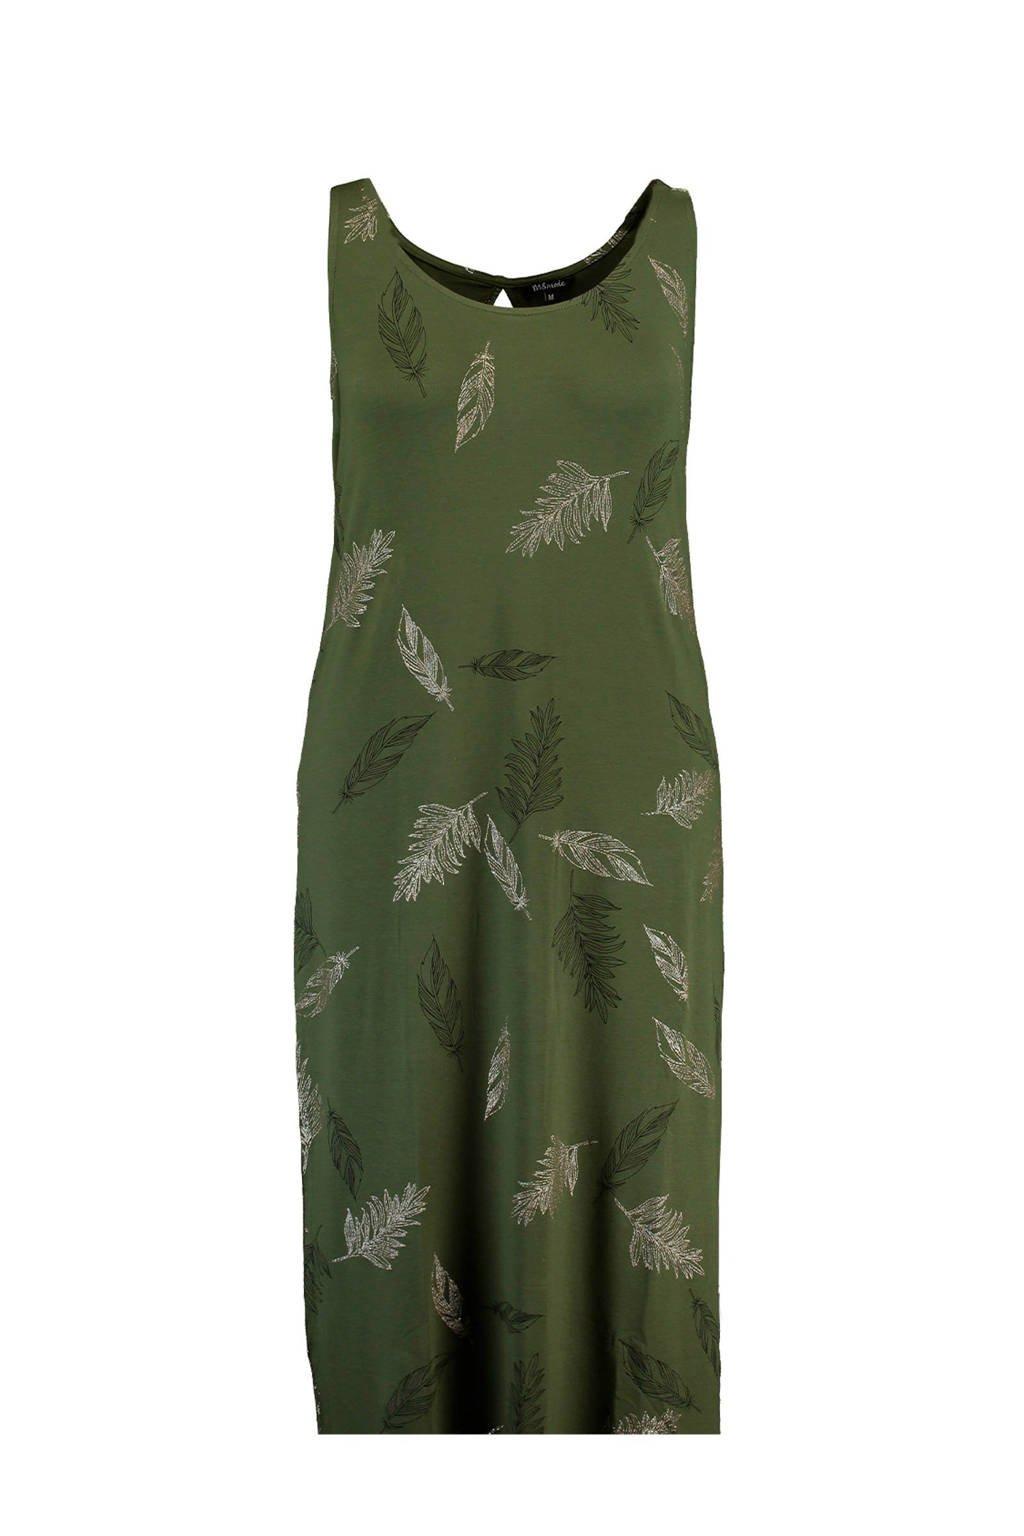 MS Mode jersey maxi jurk met veren print, Groen